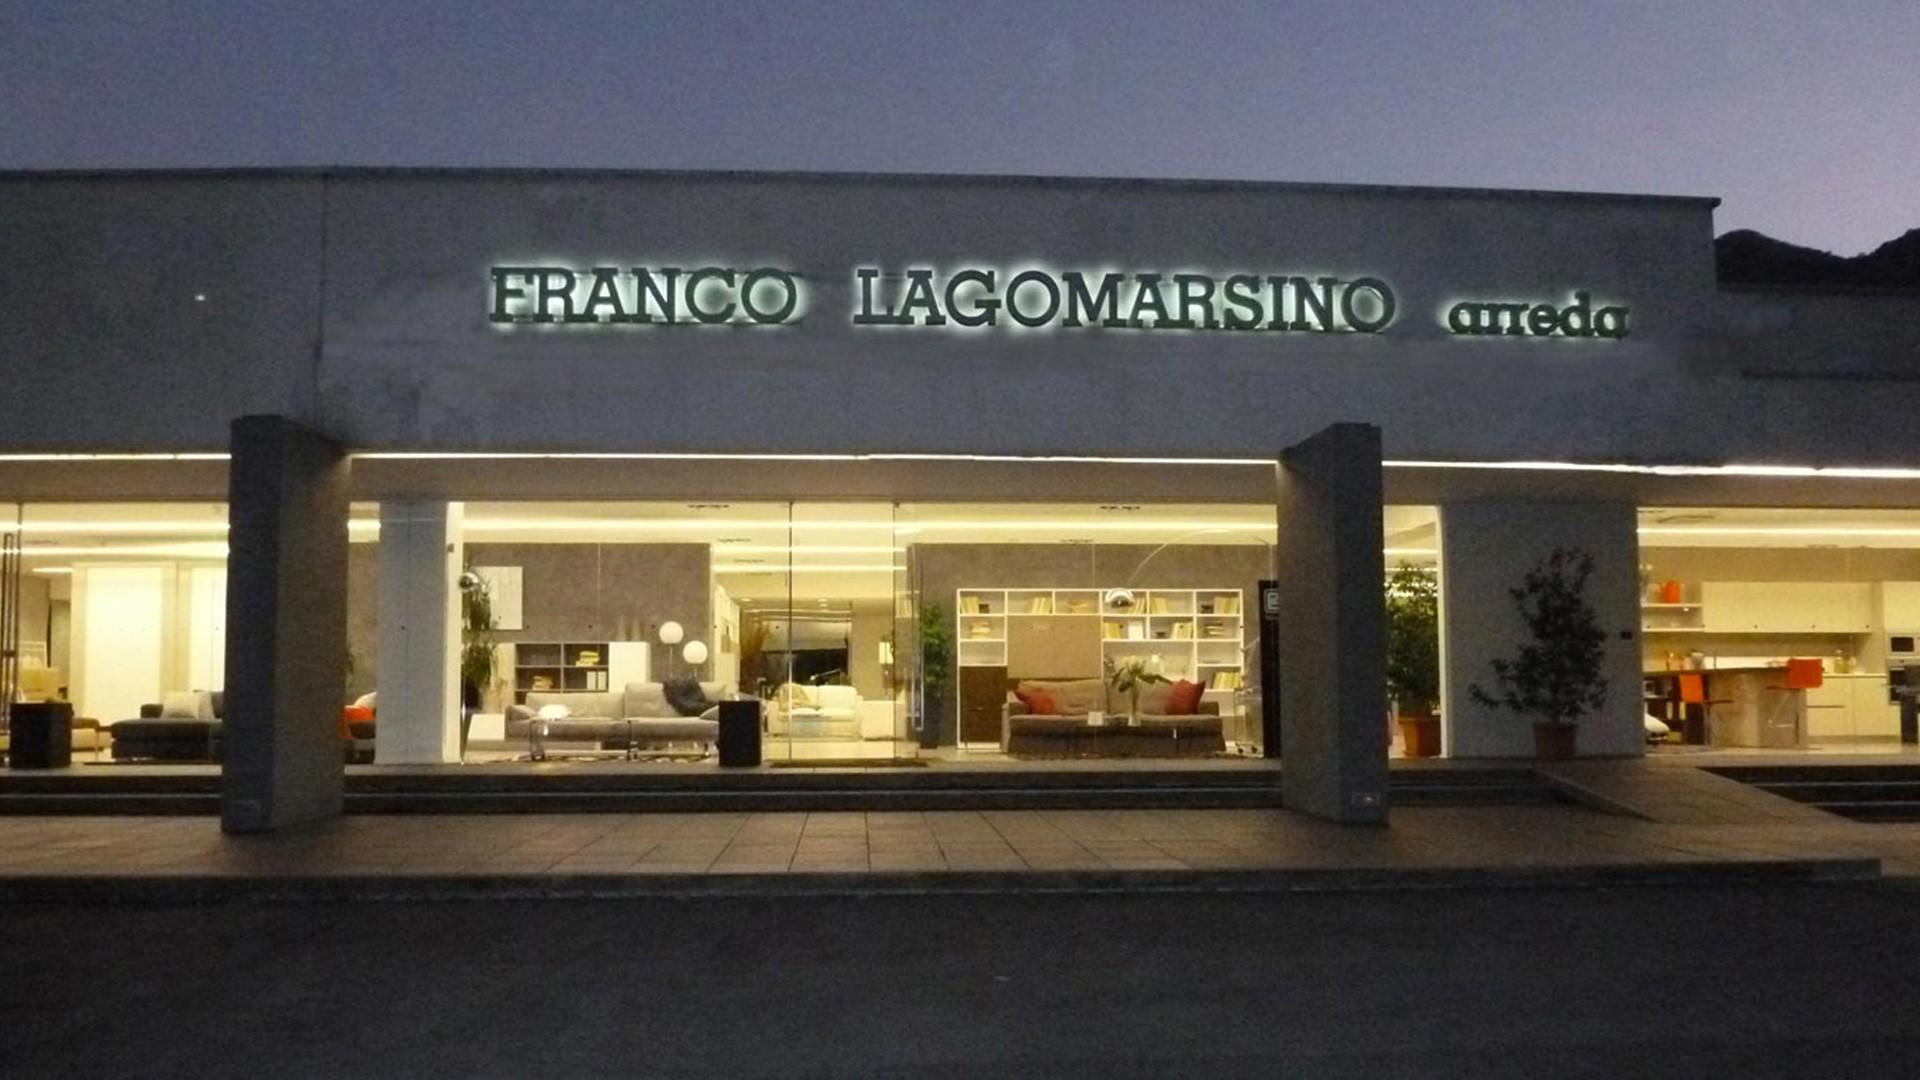 Mobilificio Franco Lagomarsino Arreda